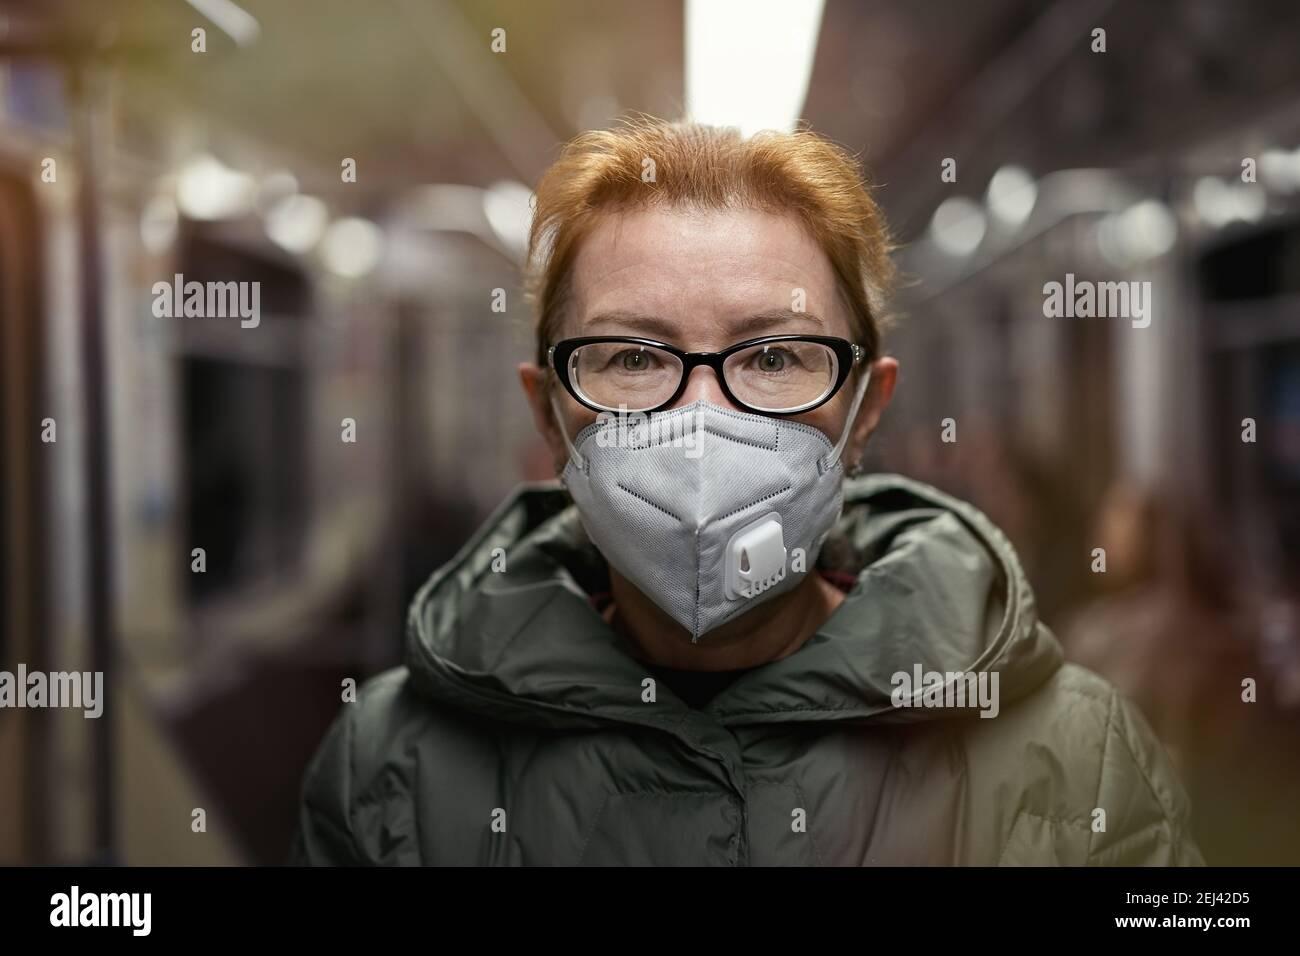 Retrato mujer madura en máscara de respiración viajando en tren subterráneo. Concepto de nueva realidad vital durante la pandemia de COVID 19 Foto de stock